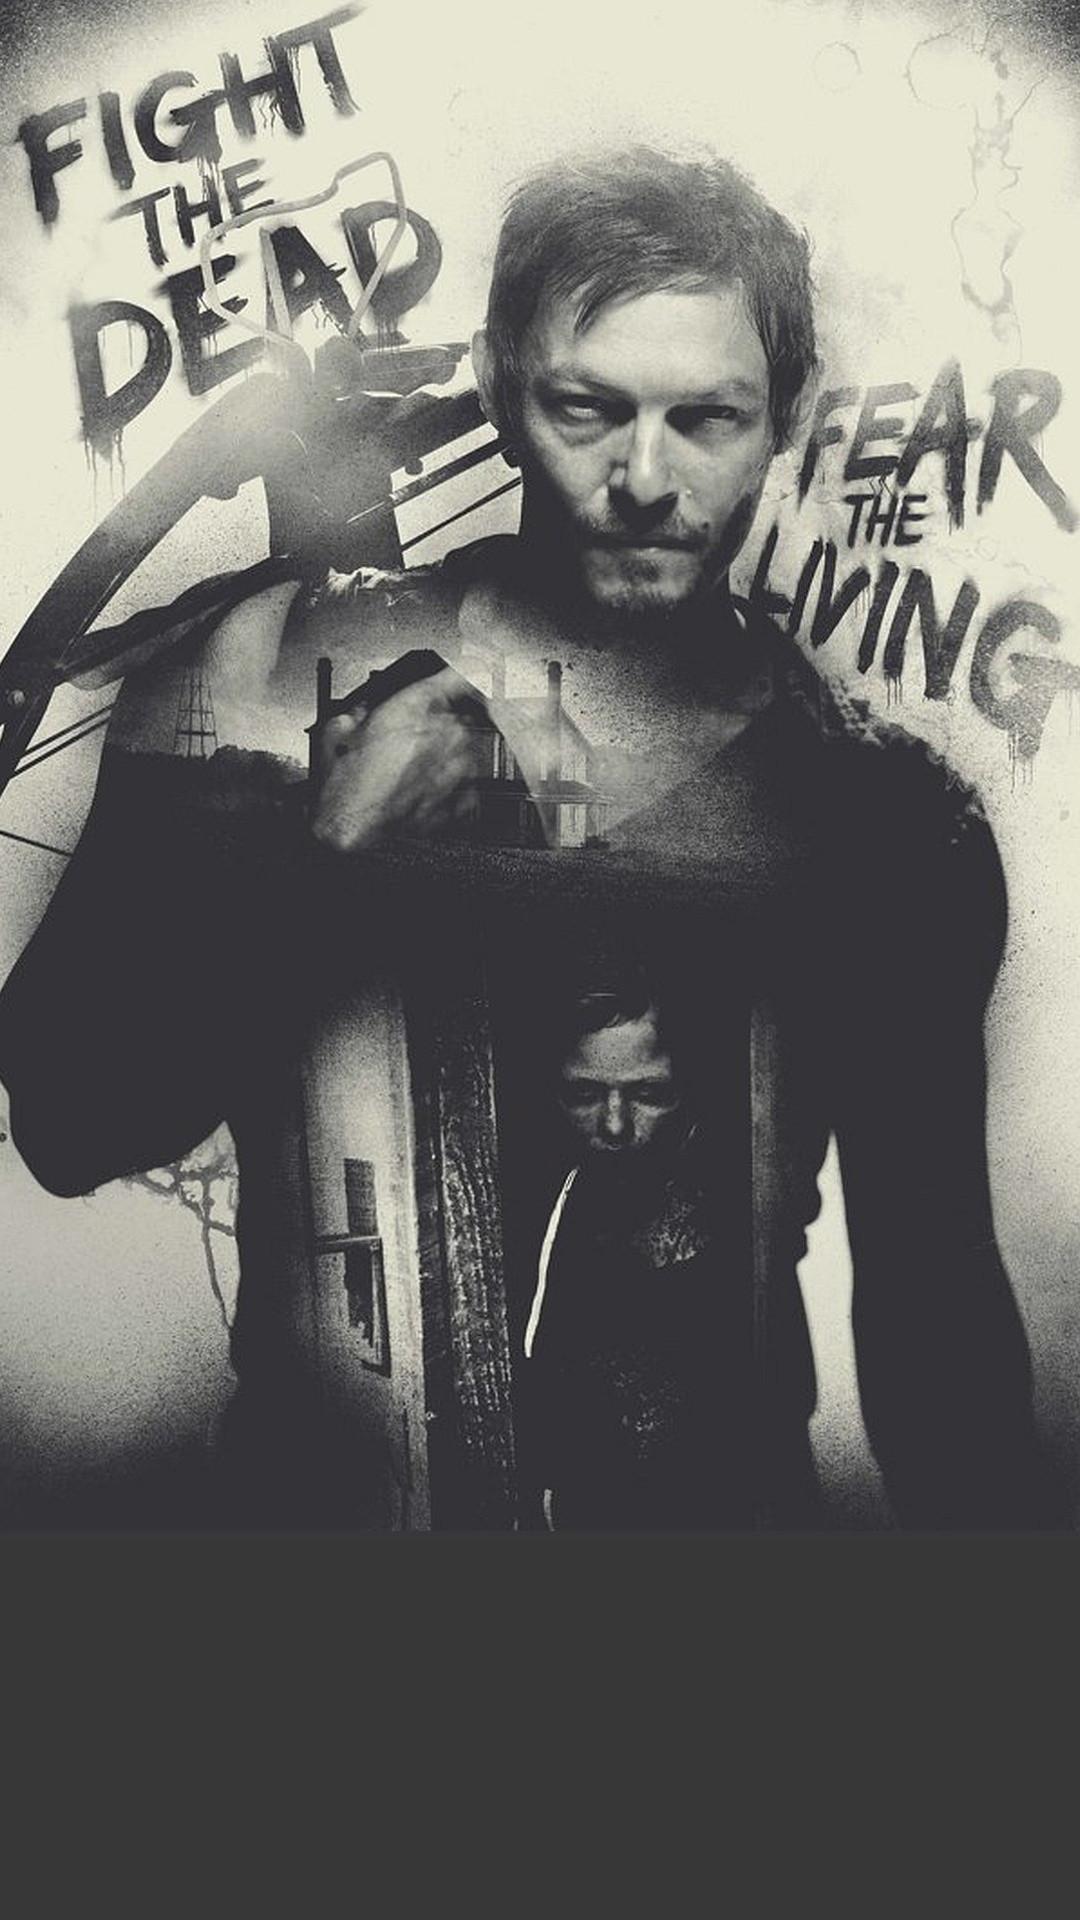 Darel The Walking Dead Iphone Wallpaper Hd